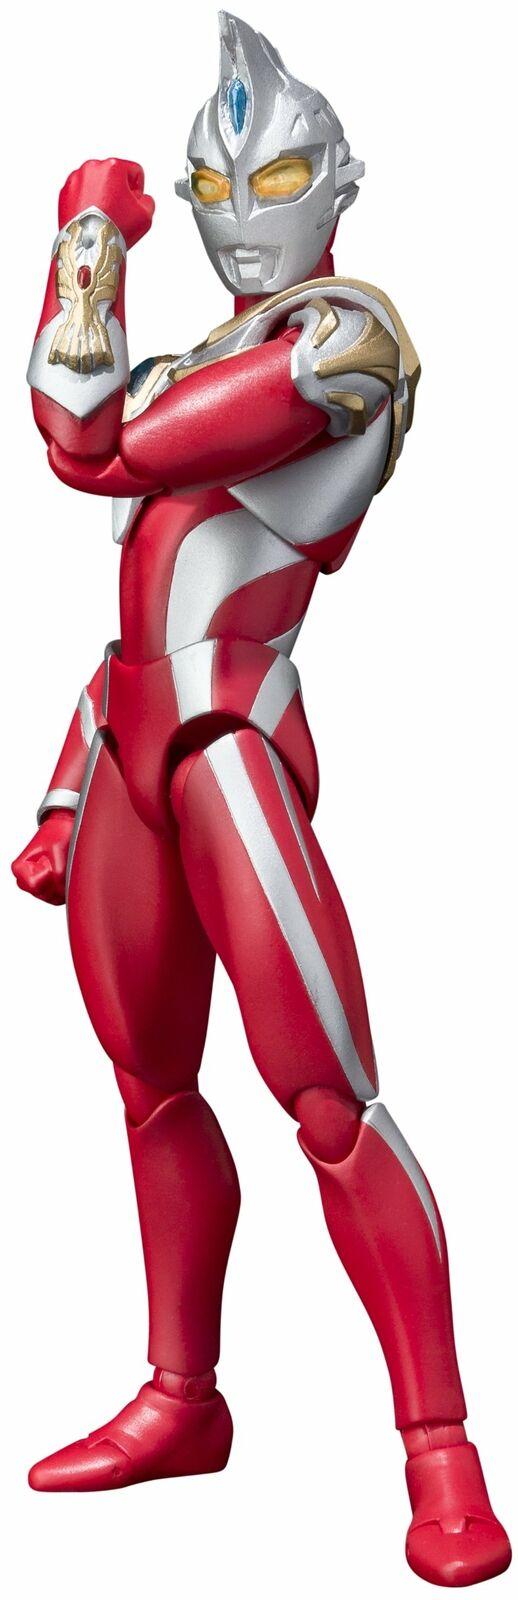 precio razonable Ultraman Ultra Act maxf S S S  alta calidad general